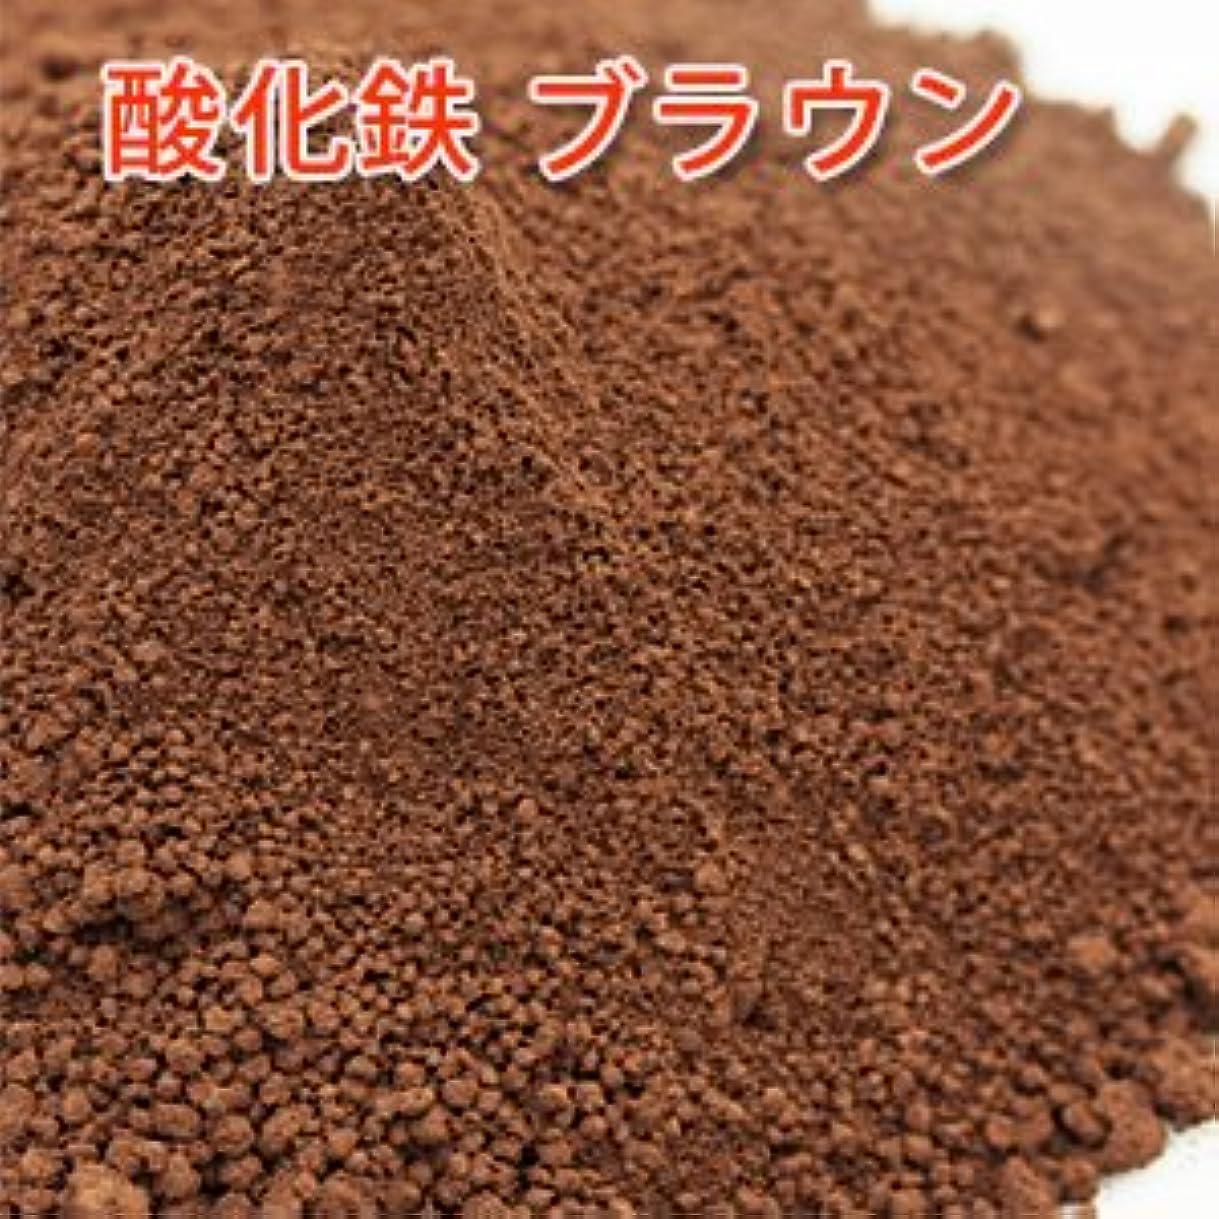 魂うめきつらい酸化鉄 ブラウン 5g 【手作り石鹸/手作りコスメ/色付け/カラーラント/茶】